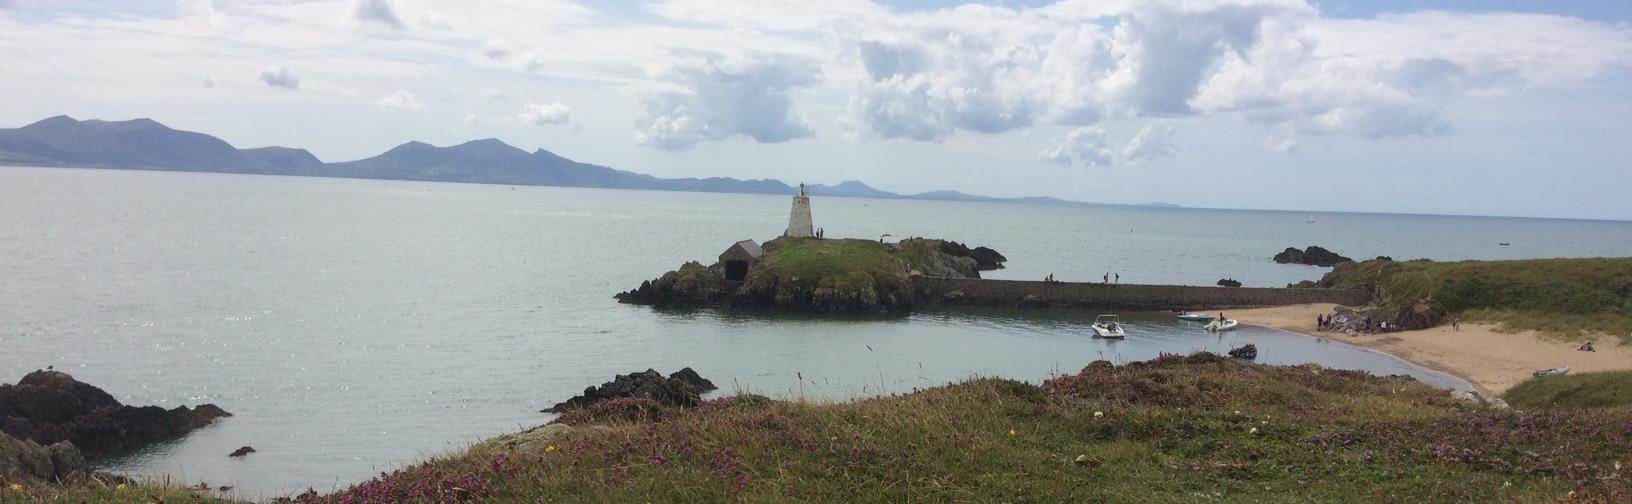 Anglesey Coast Path - Llandddwyn-isalnd